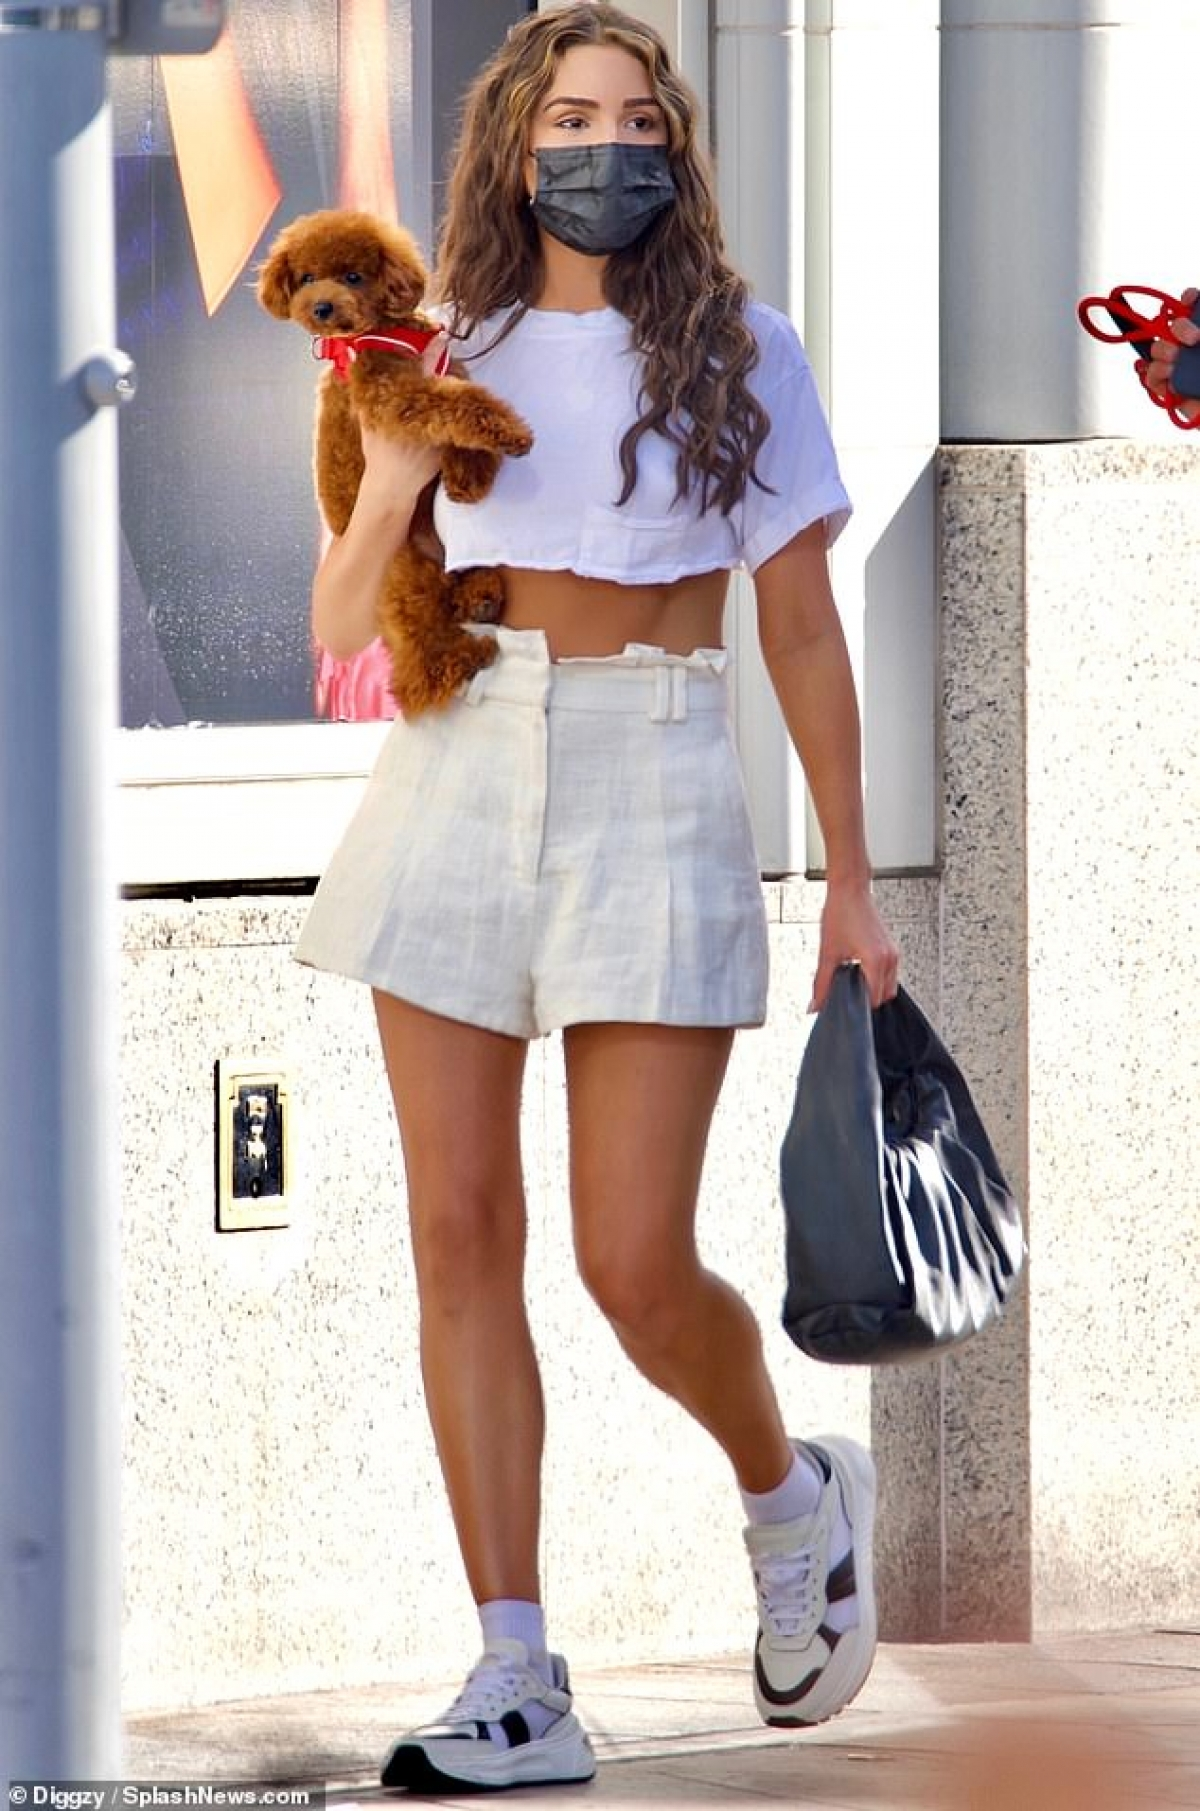 """Hoa hậu Hoàn vũ 2012 """"lột xác"""" với tóc xoăn sóng gợi cảm, diện áo croptop và chân váy ngắn, khoe khéo vóc dáng thanh mảnh và vòng eo săn chắc."""